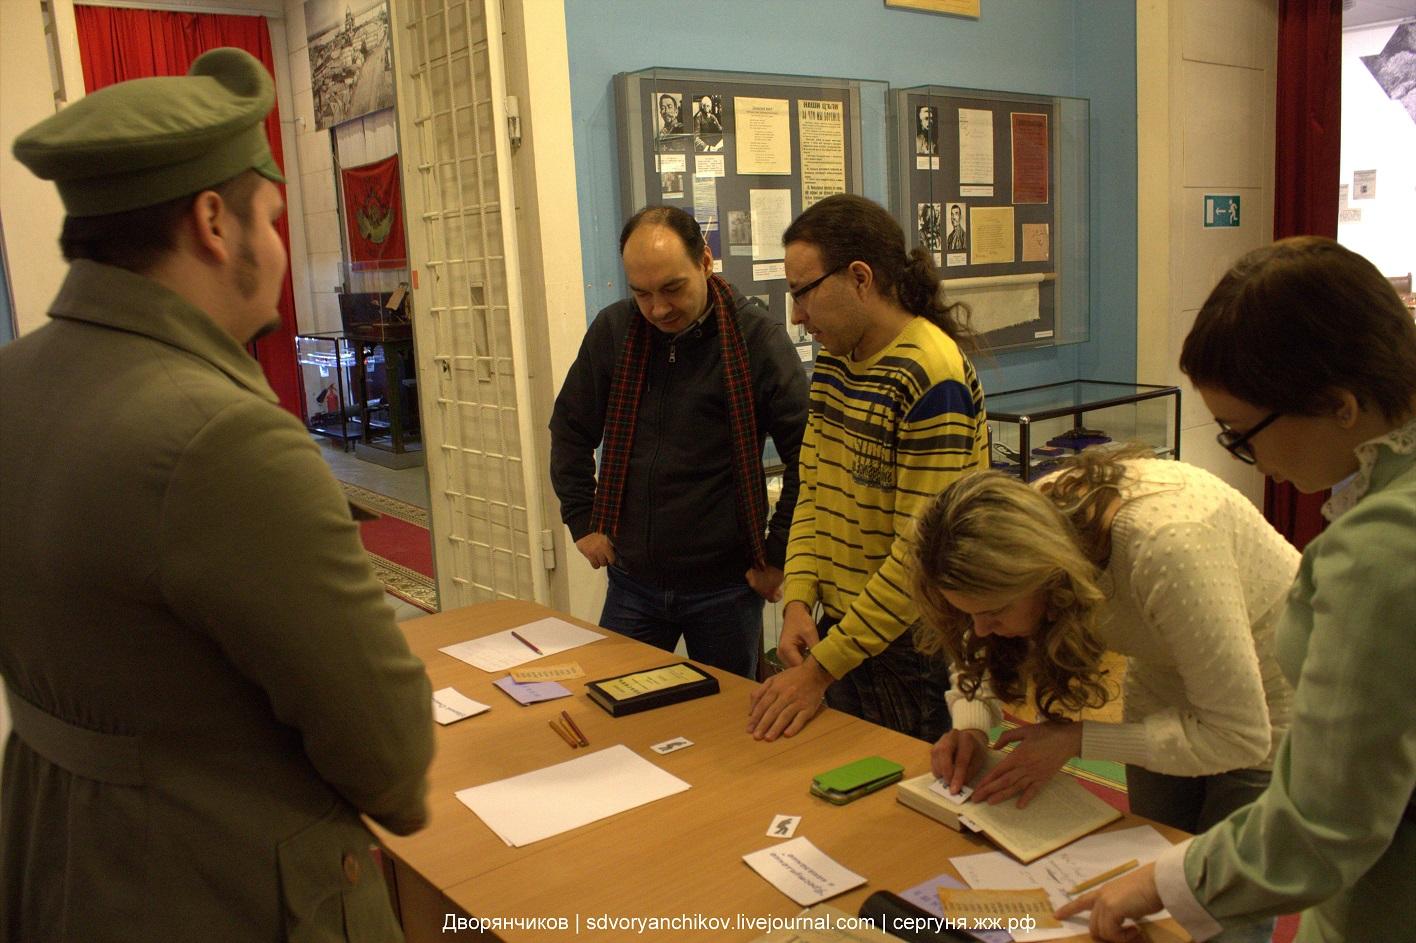 МИМ - 7 февраля 2017 - Жандармский сыск в Царицыне